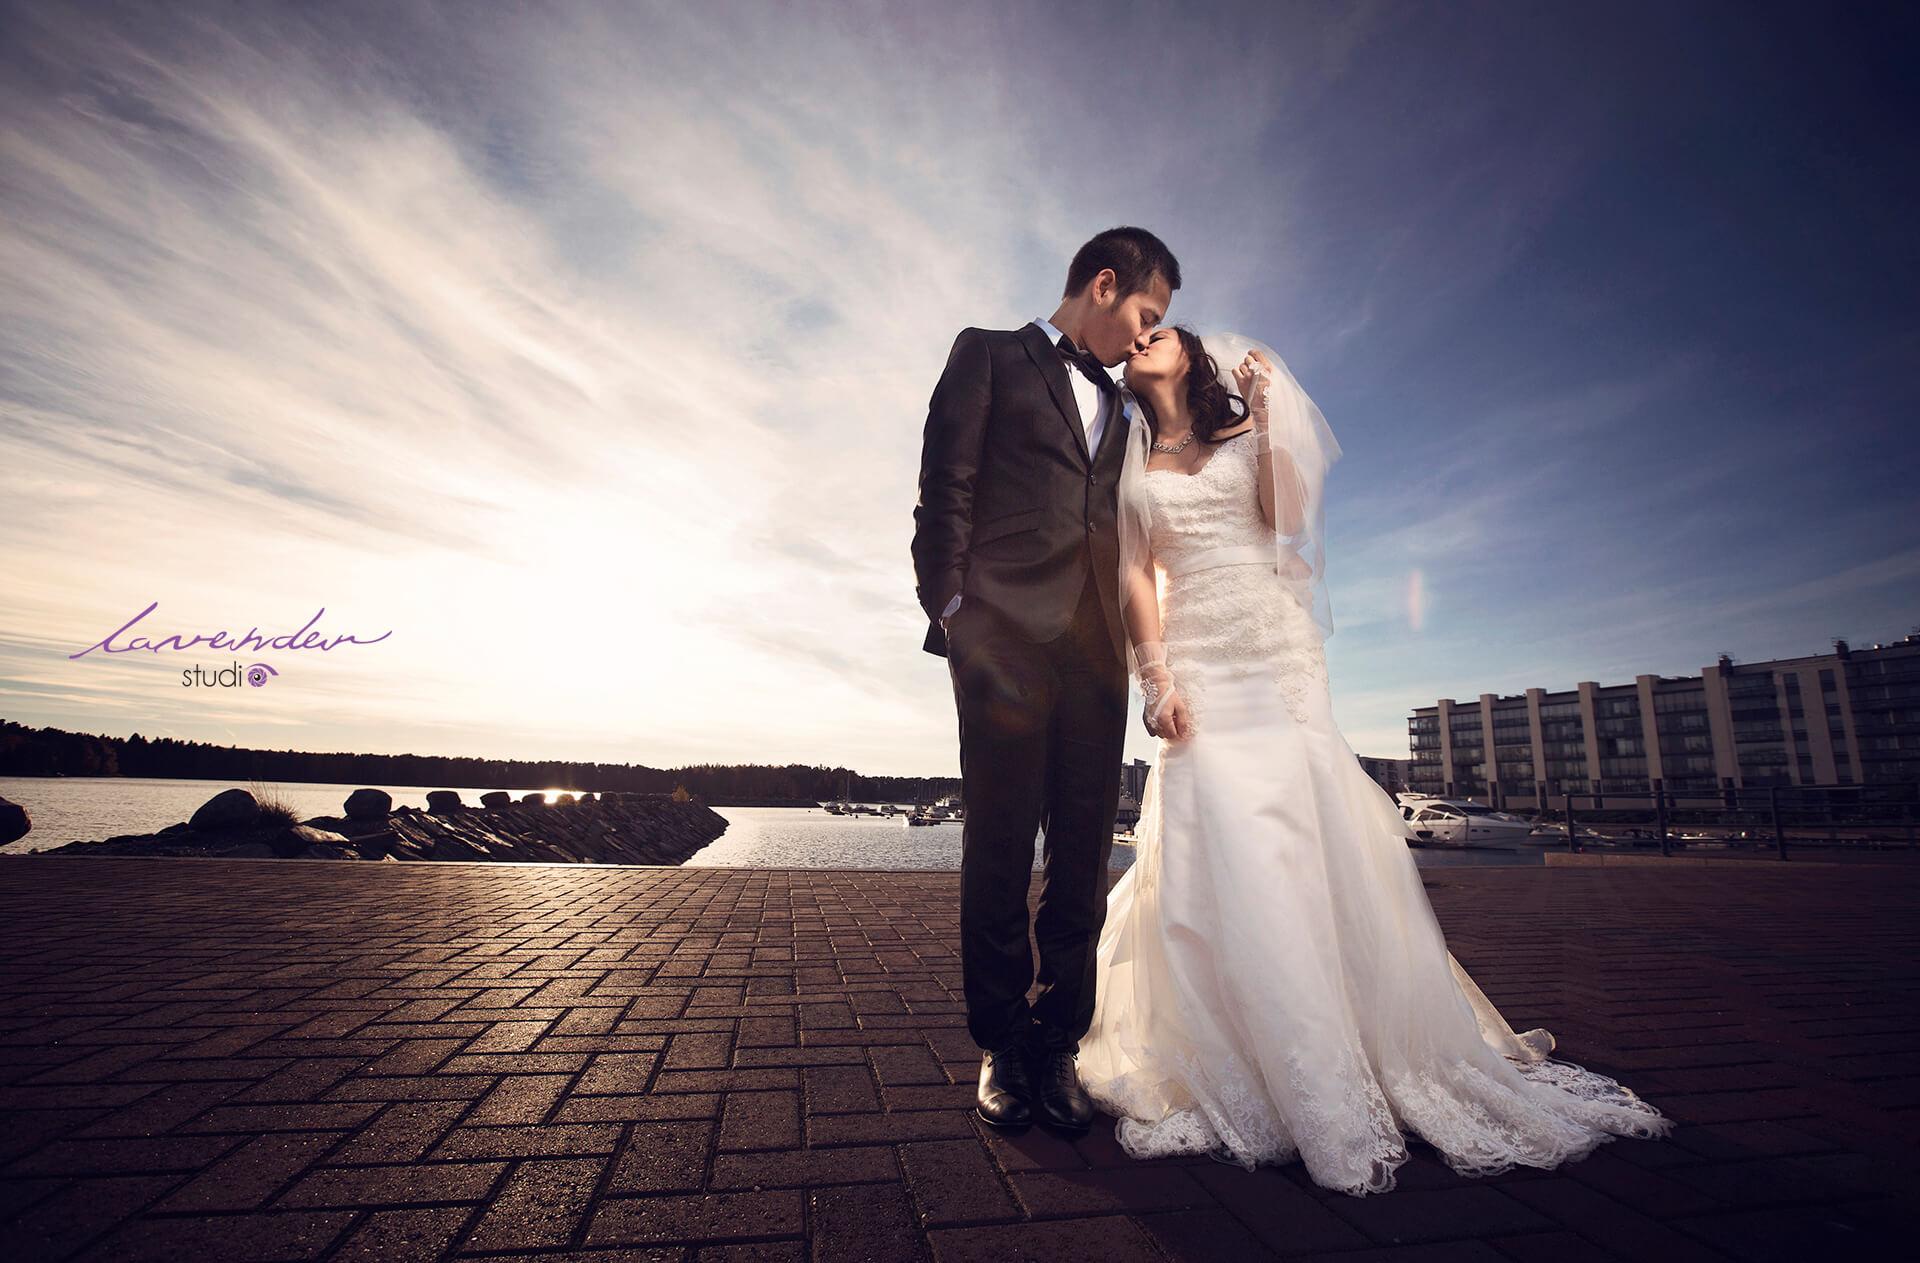 Những điều chú rể cần ghi nhớ trước ngày hôn lễ Lavender